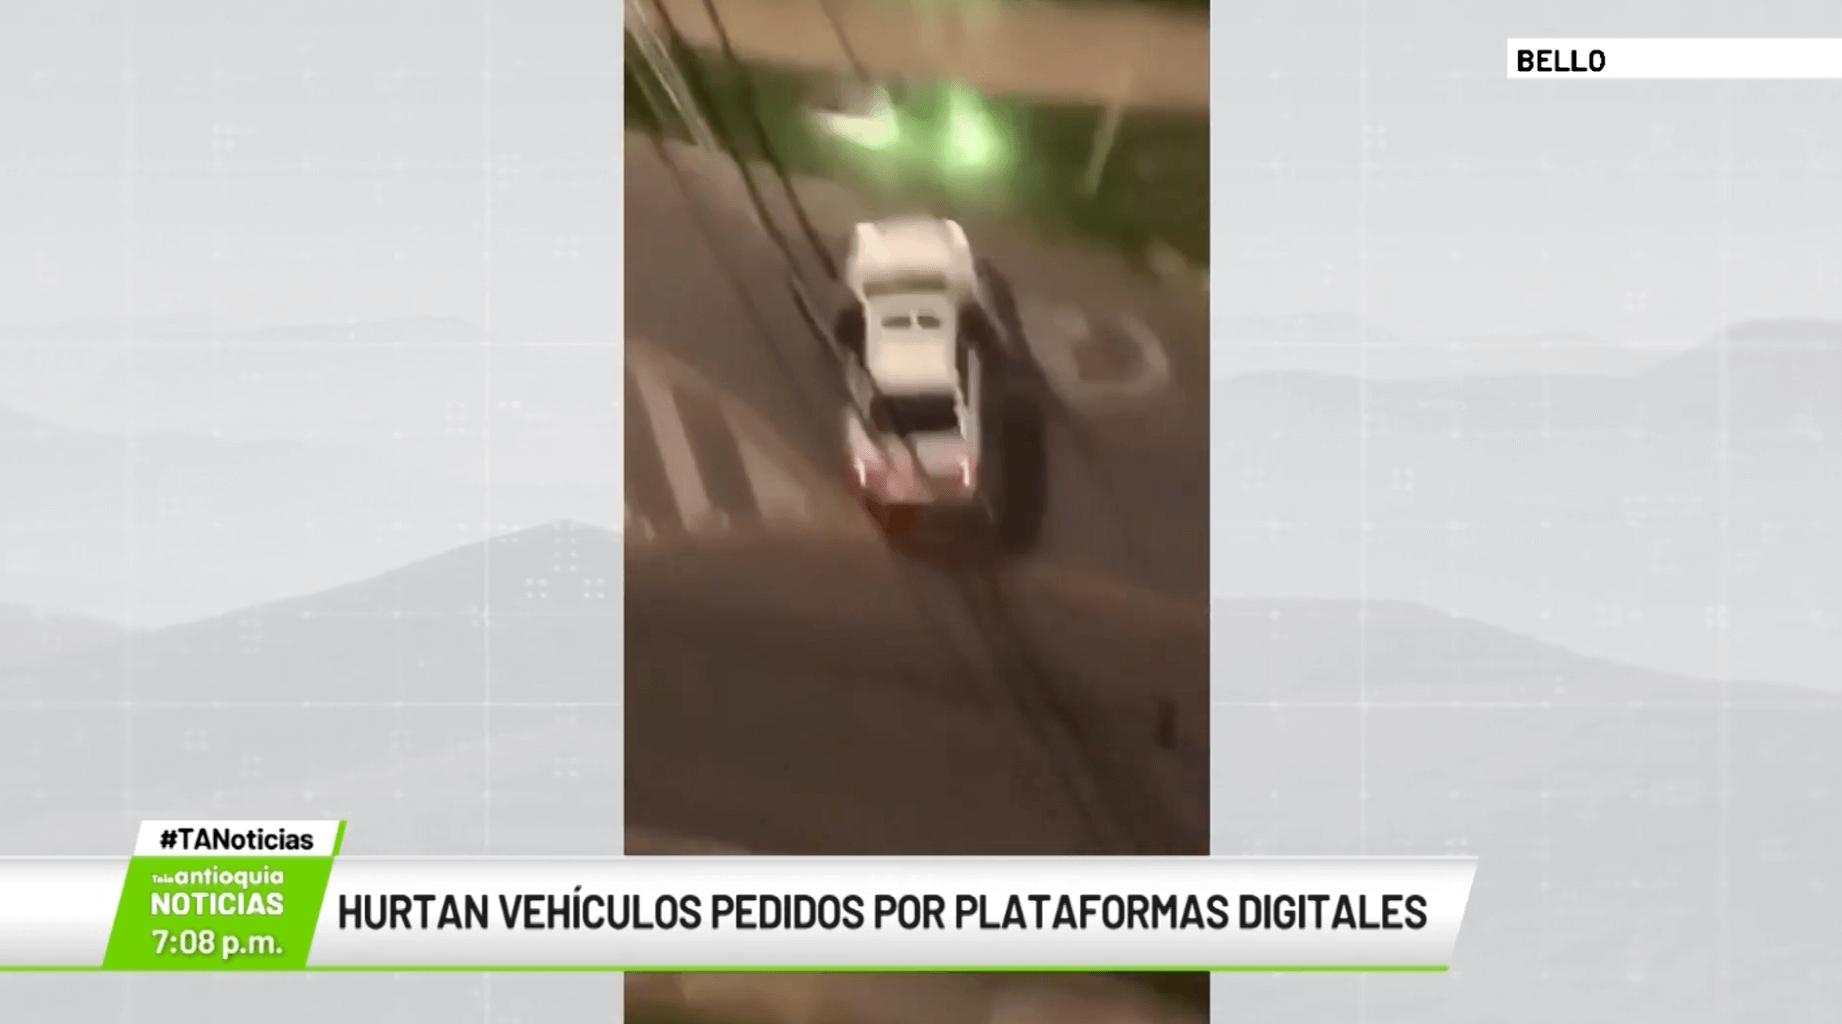 Hurtan vehículos pedidos por plataformas digitales